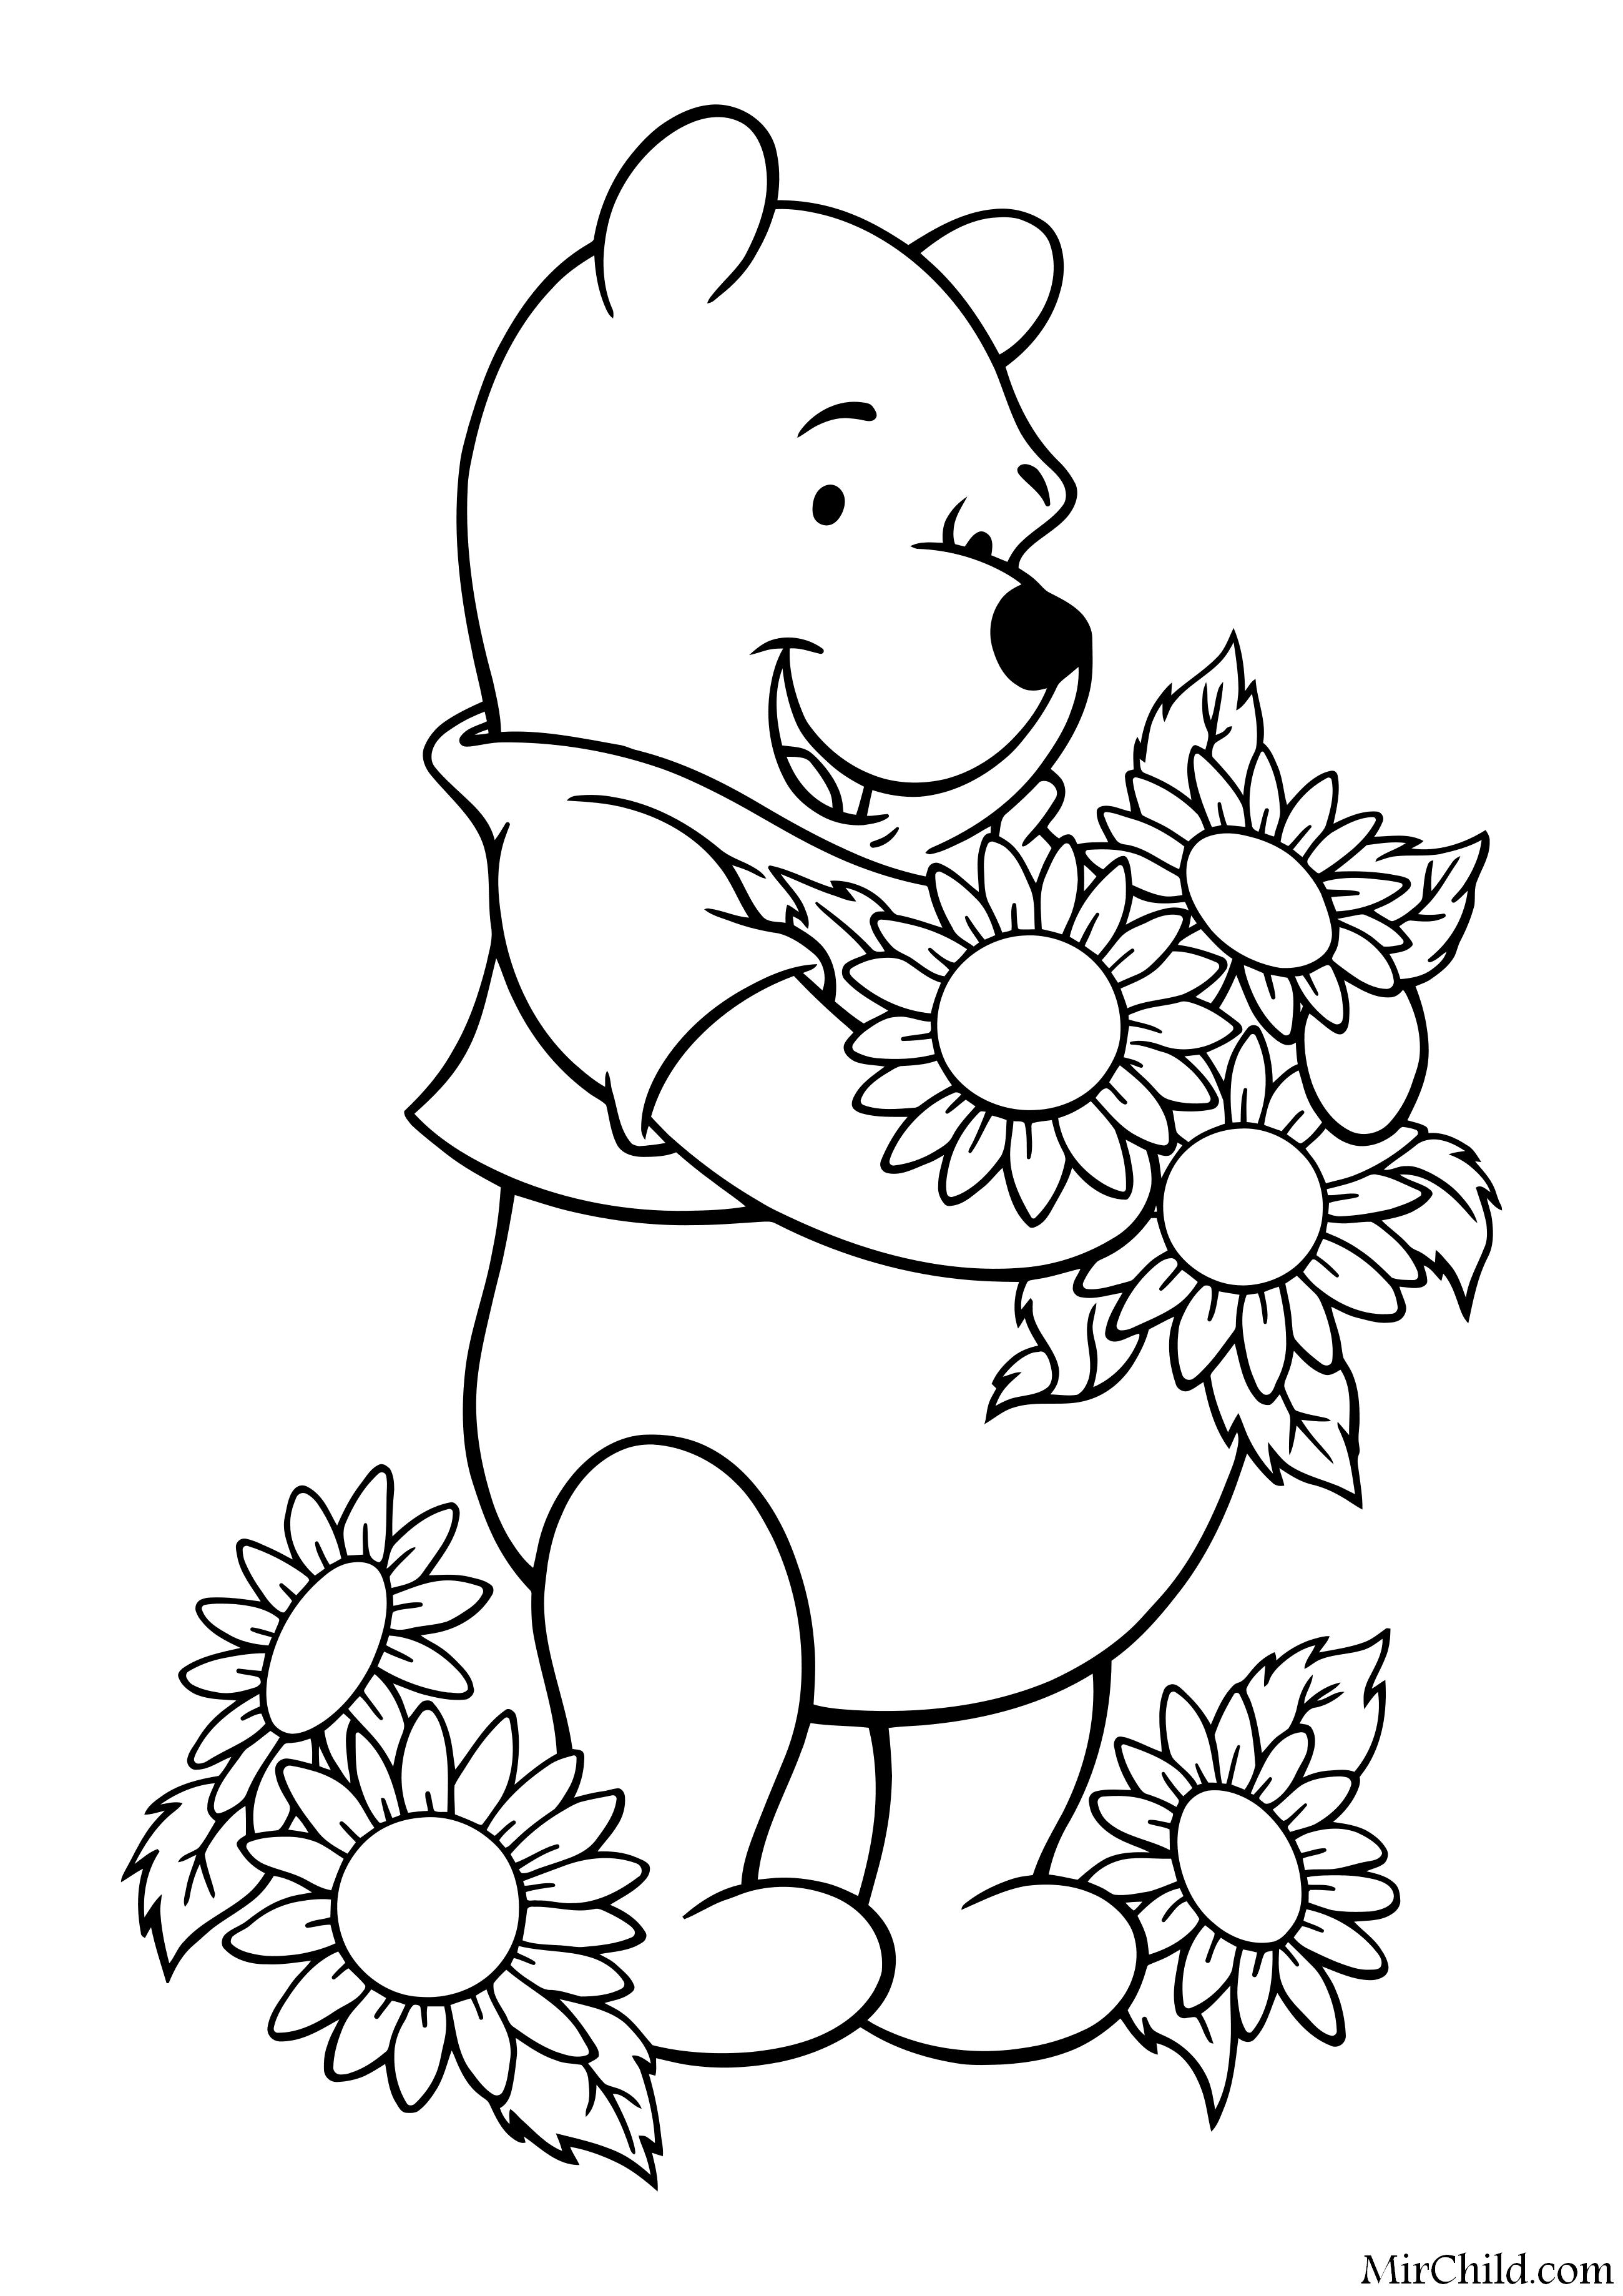 Раскраска - Винни-Пух (Дисней) - Винни-Пух и цветы | MirChild